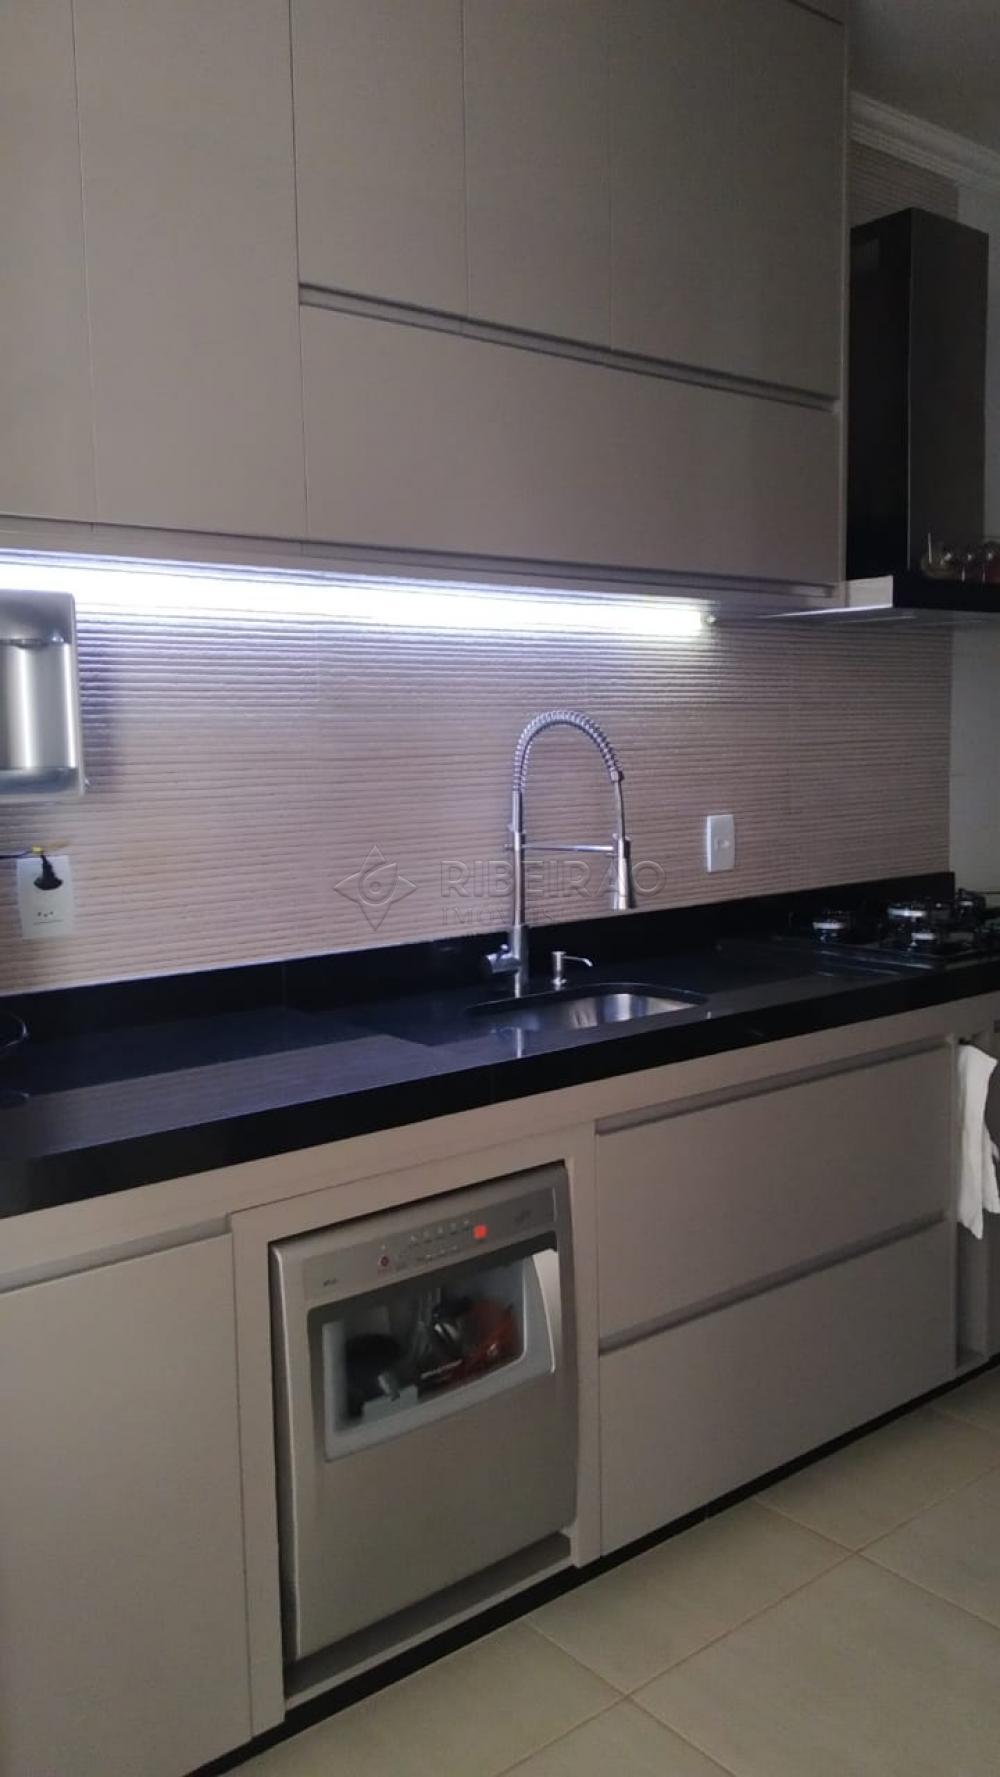 Comprar Apartamento / Padrão em Ribeirão Preto R$ 240.000,00 - Foto 7